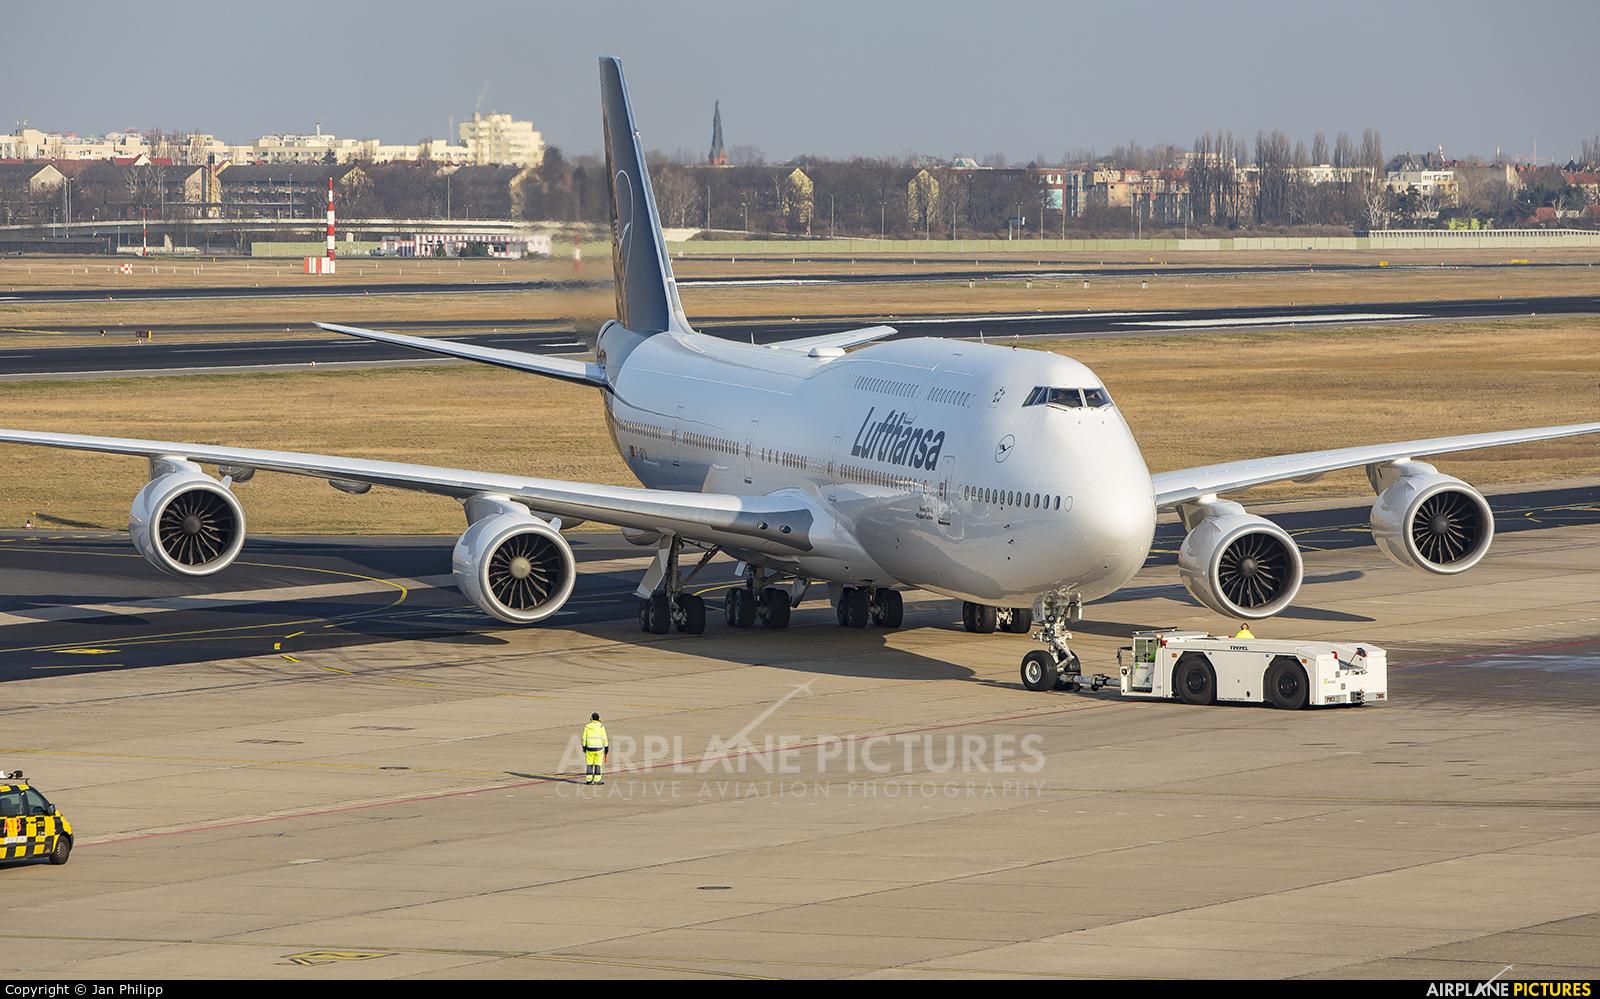 Lufthansa D-ABYA aircraft at Berlin - Tegel